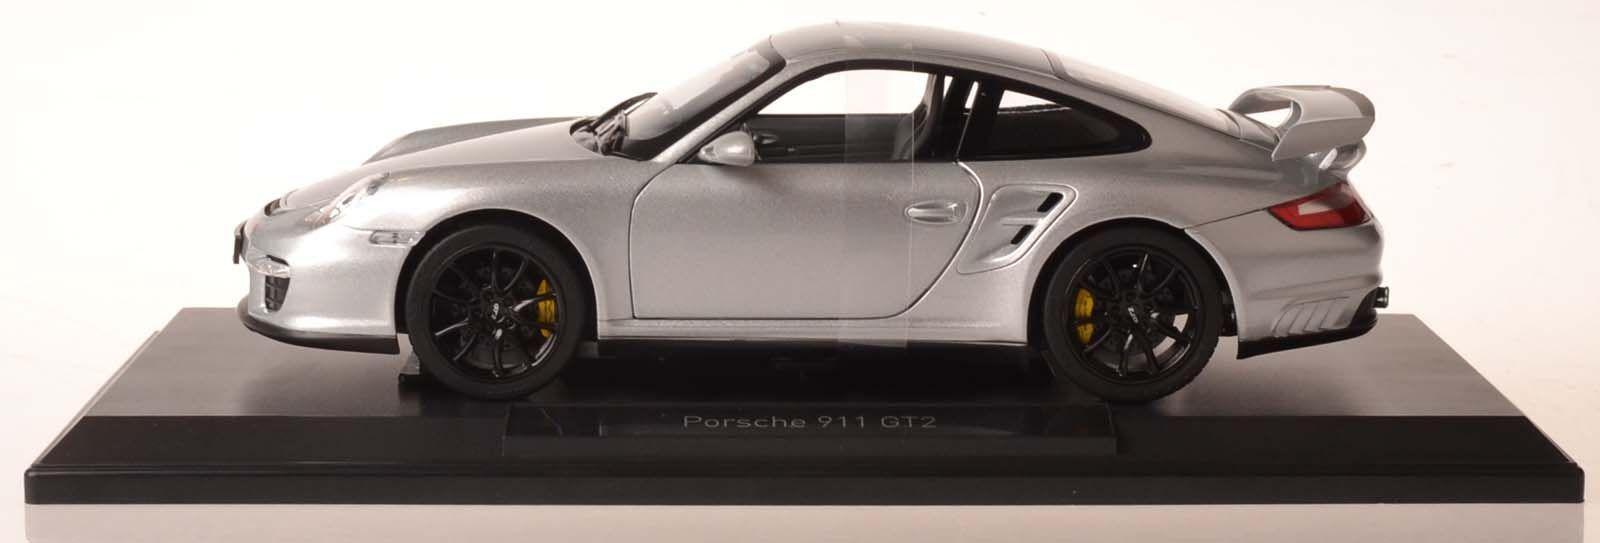 Norev 187594 Porsche 911 gt2 2007 argento 1 18 nuevo en el embalaje original